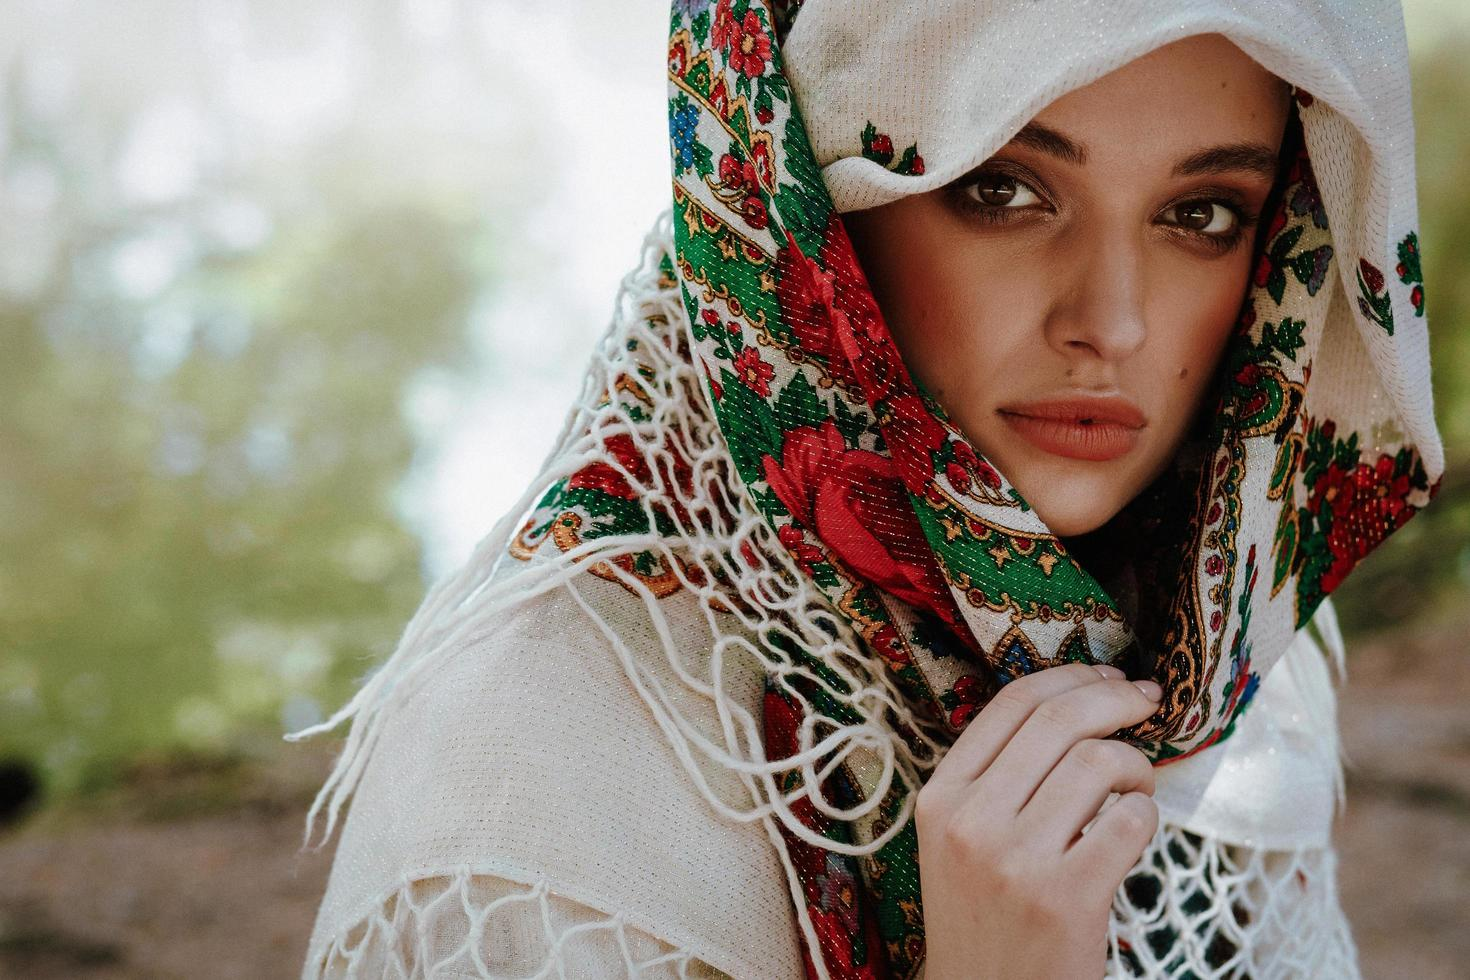 Portrait d'une jeune fille dans une robe ethnique ukrainienne photo